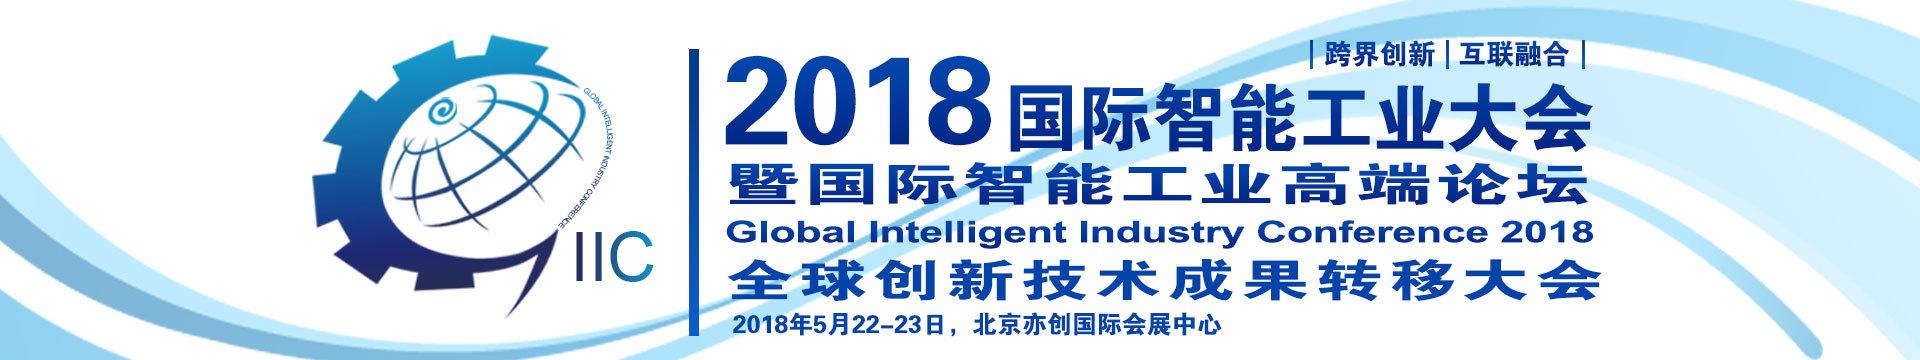 2018国际智能工业大会暨国际智能工业高端论坛—全球创新技术成果转移大会